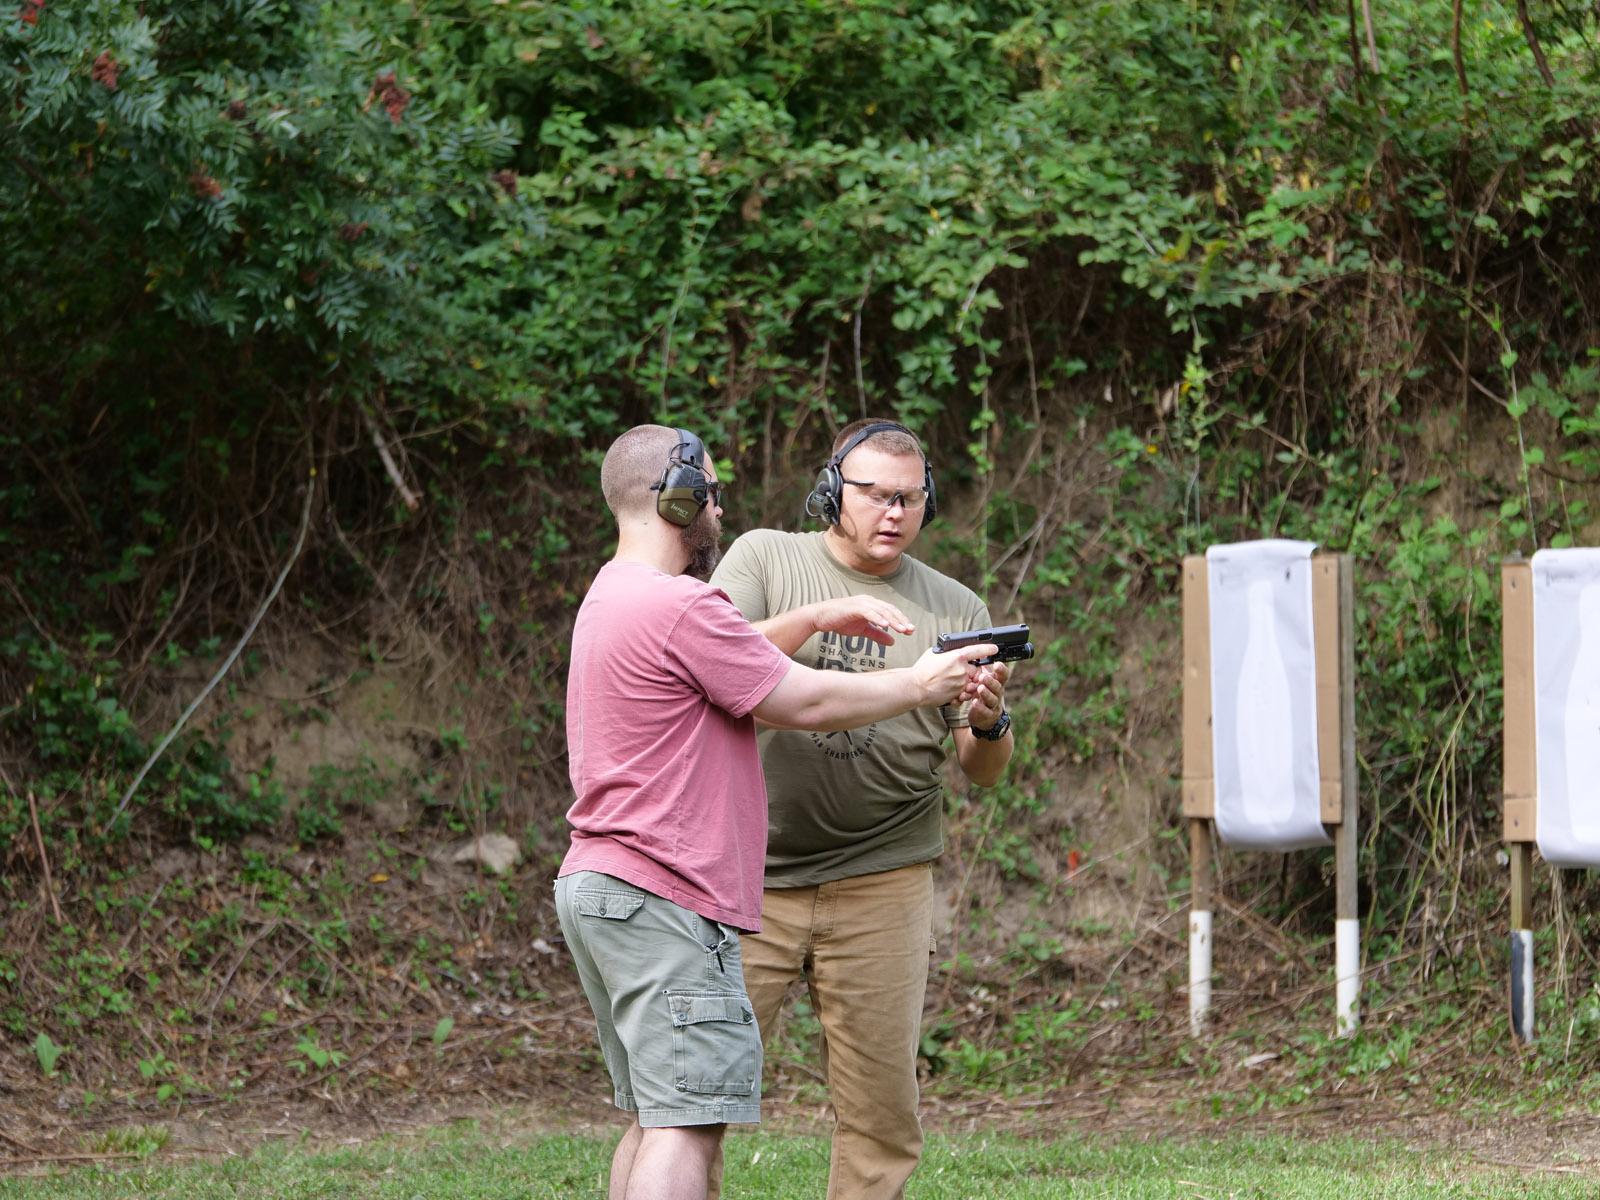 8-pistol+(9).jpg